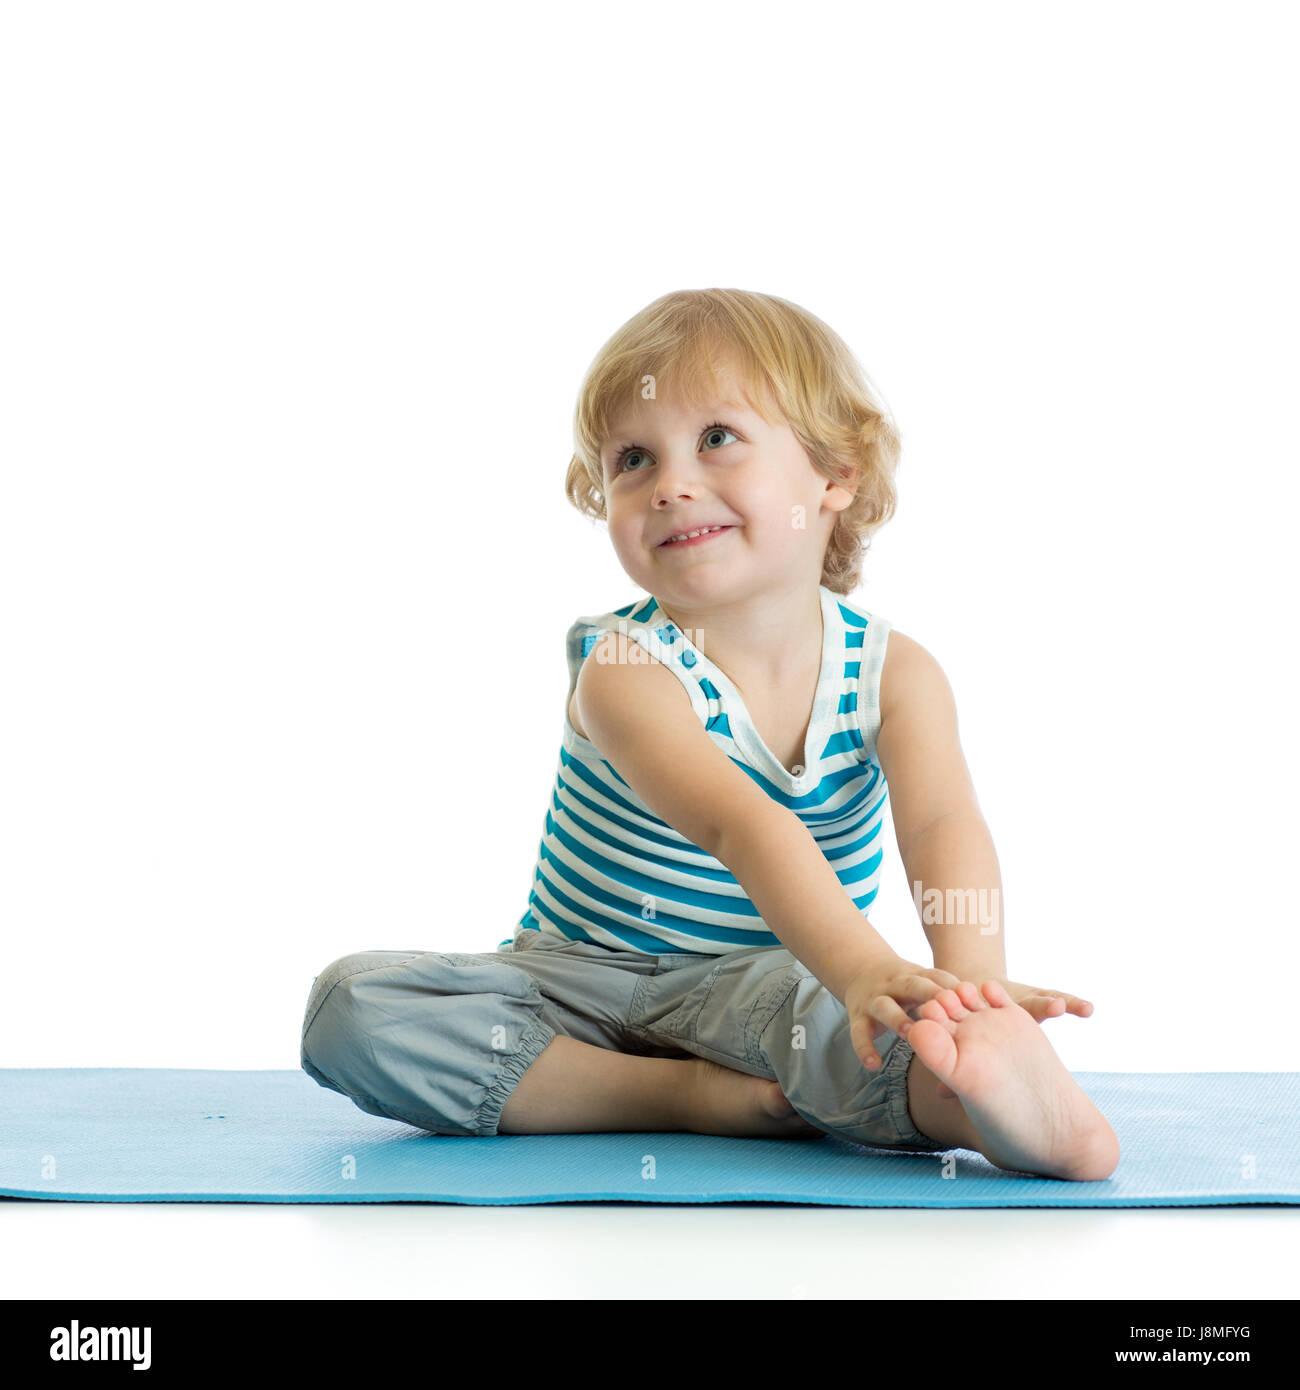 Ragazzo bambino la pratica dello yoga, stretching in esercizio. Kid isolate su sfondo bianco Immagini Stock